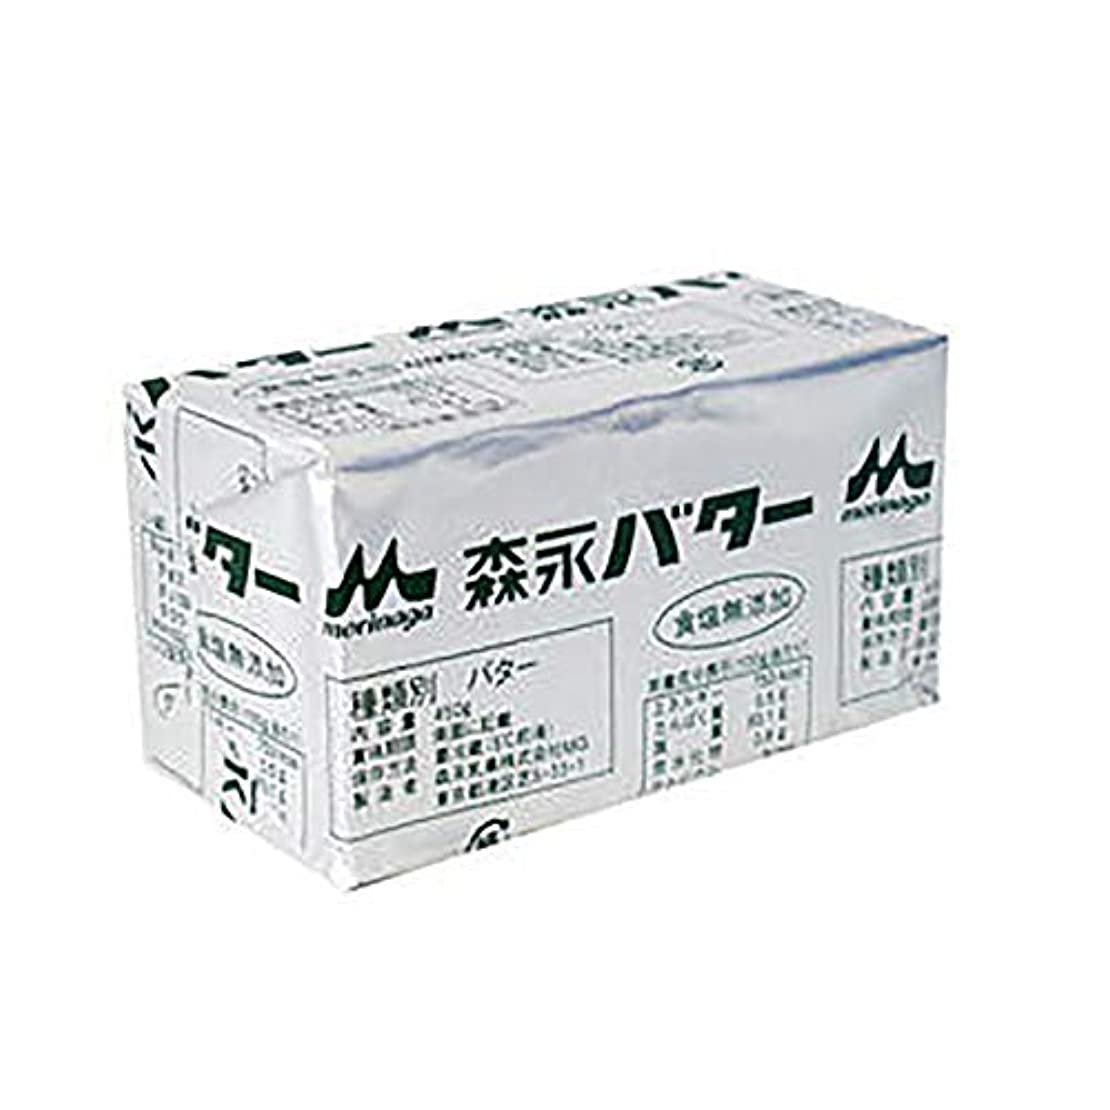 ぴかぴか目の前のアメリカ【 業務用 】 森永乳業 フレッシュバター 無塩 450g